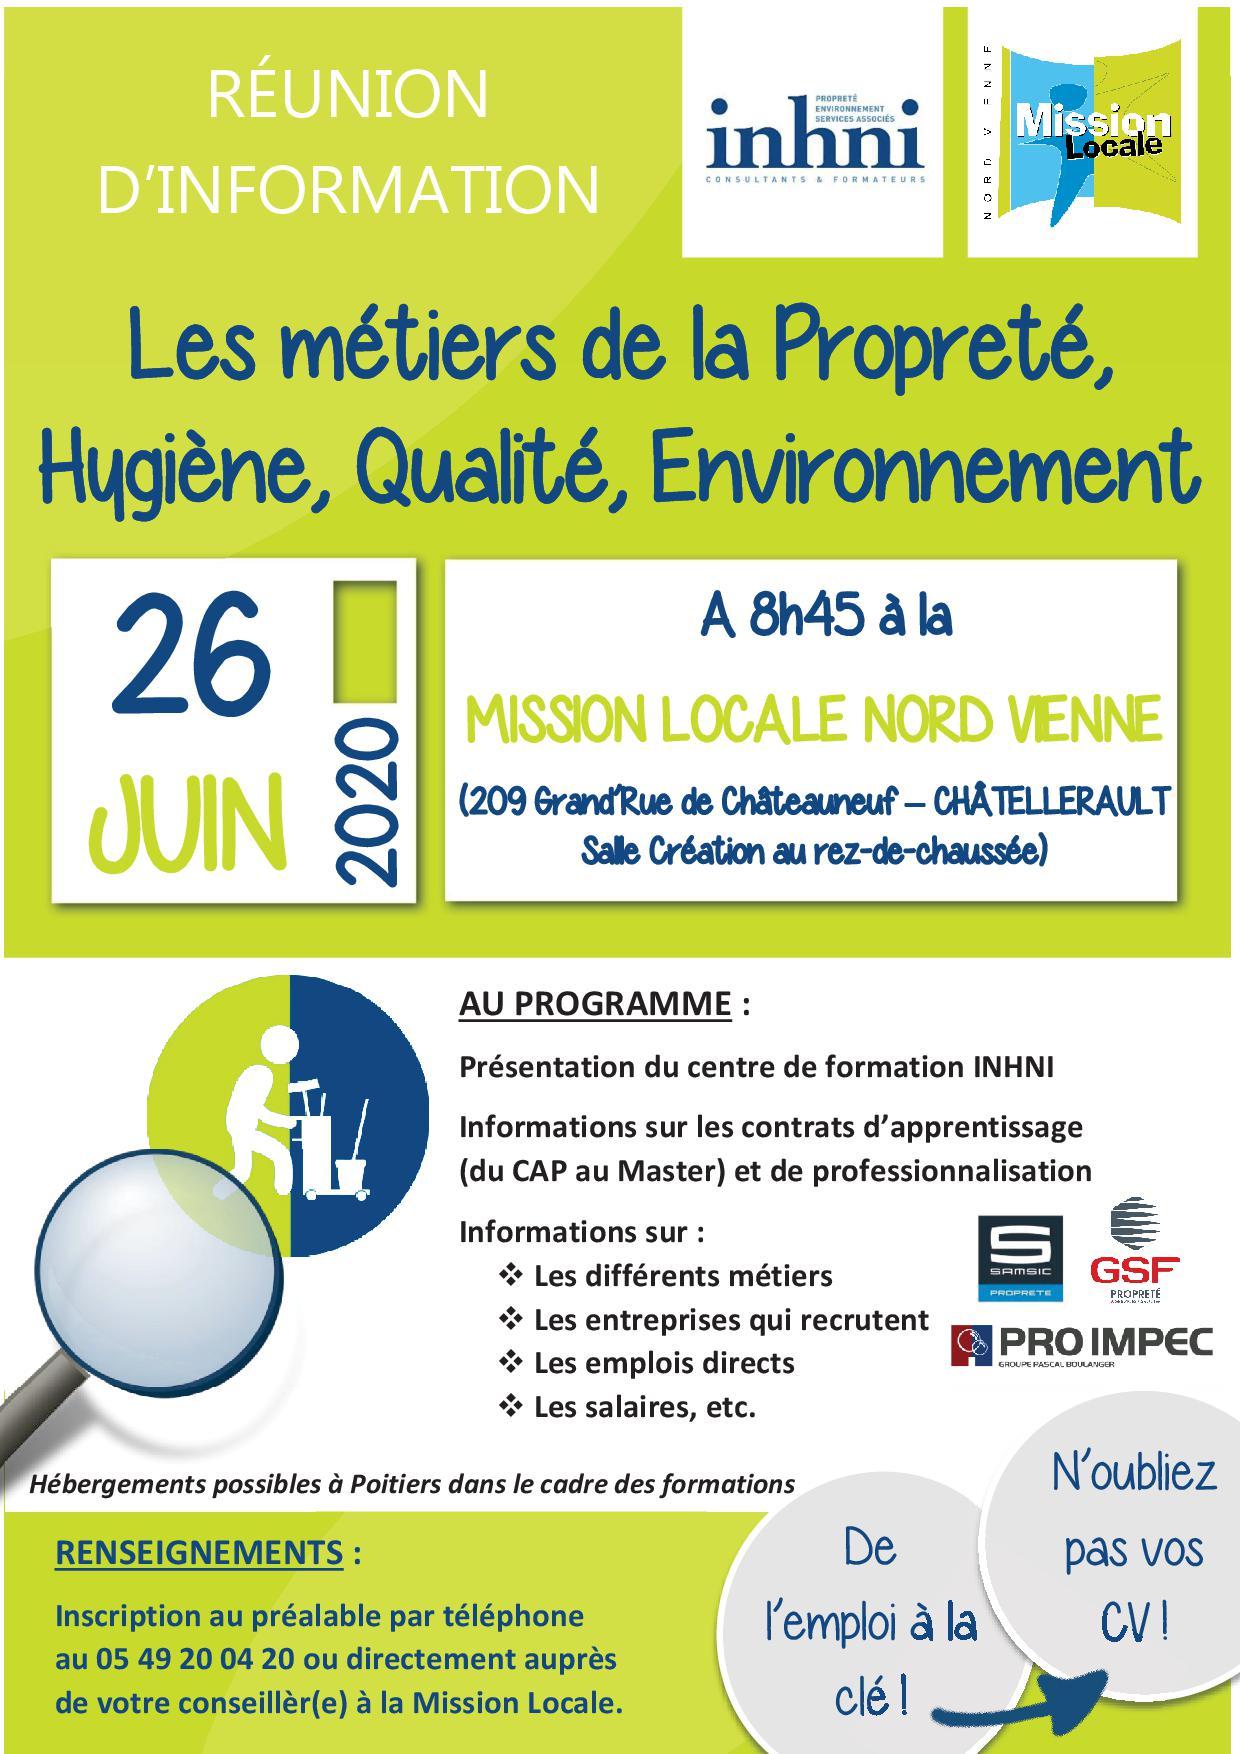 RÉUNION D'INFORMATION : Les métiers de la propreté, hygiène, qualité, environnement